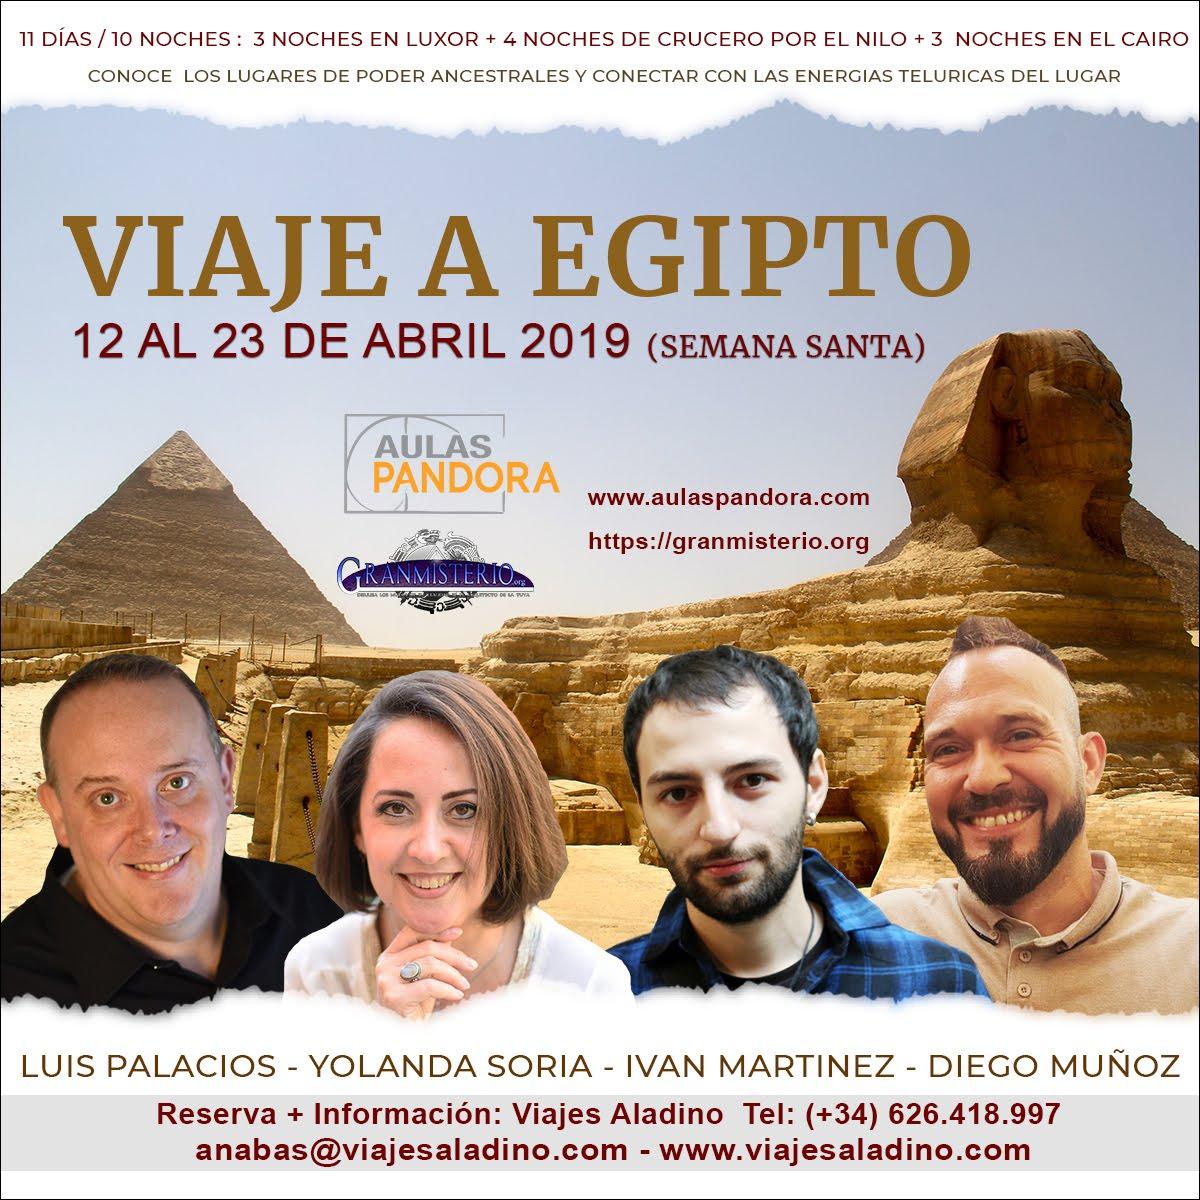 12 AL 22 DE ABRIL 2019 (SEMANA SANTA) – VIAJE A EGIPTO CON IVAN MARTINEZ, DIEGO MUÑOZ, LUIS PALACIO